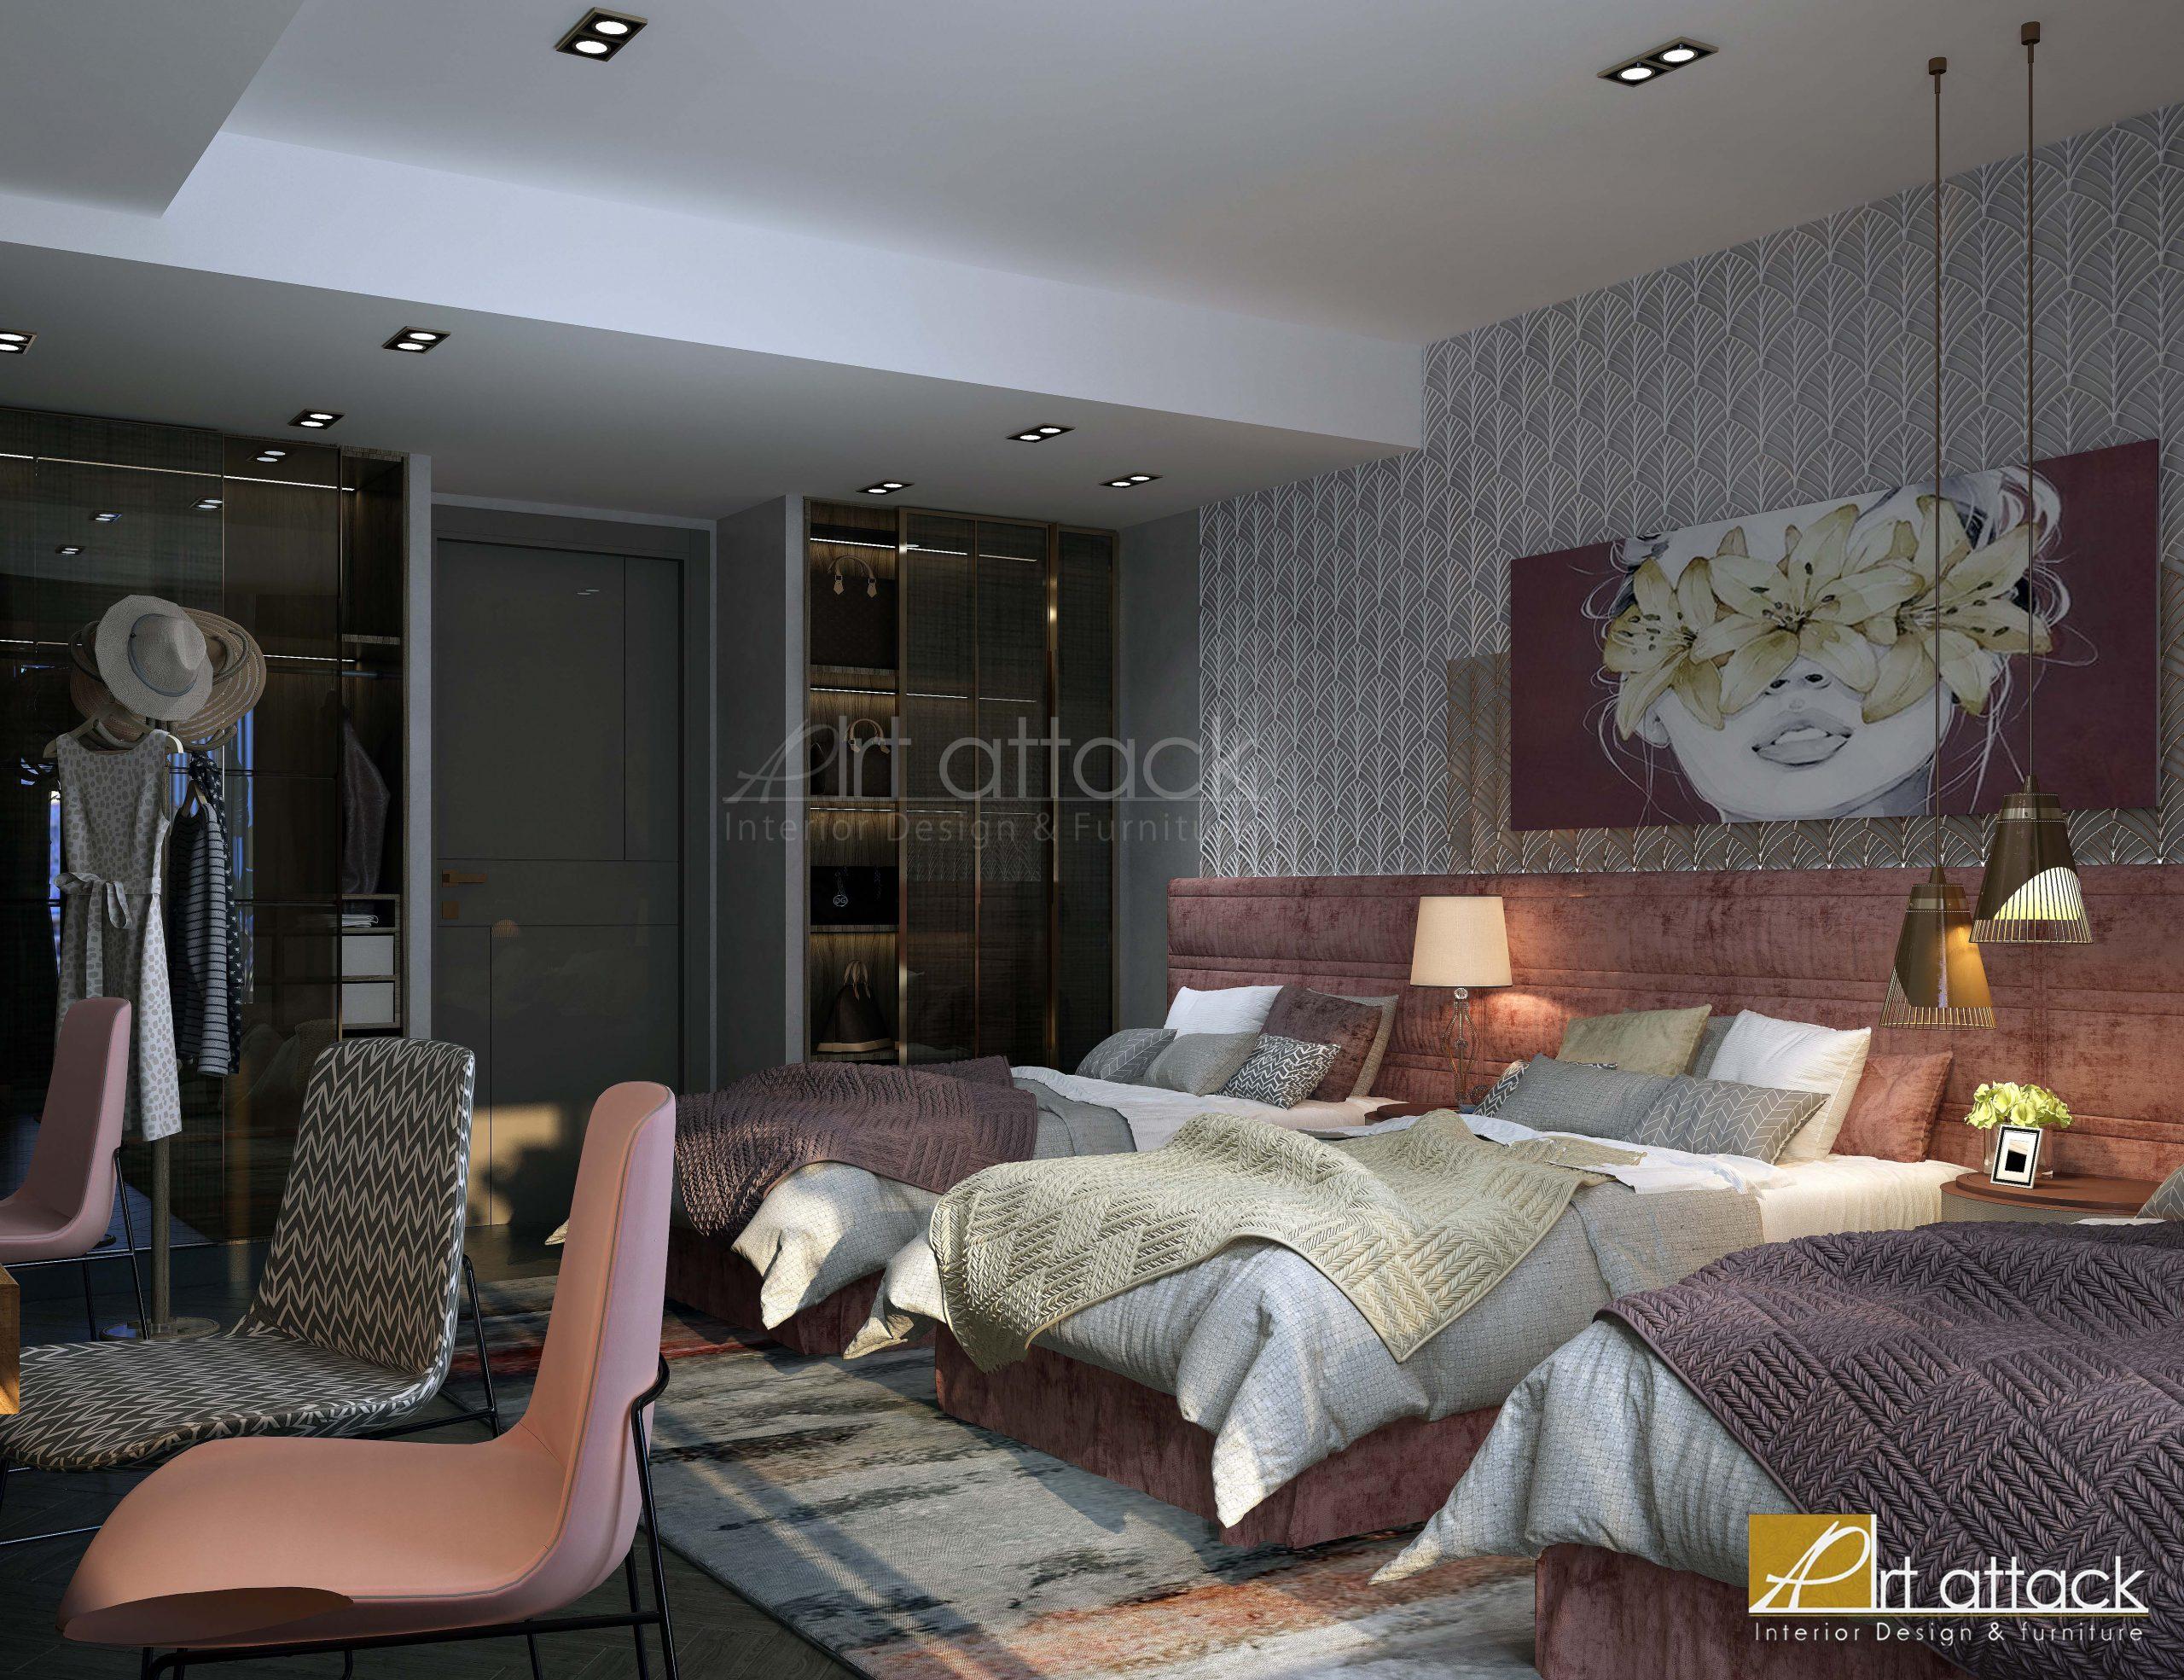 شركة ديكور بالقاهرة,مصمم ديكور بالقاهرة,شركة ديكور بالرحاب,غرف نوم بنات 2020,interiordesign,decoration,design,decor,exteriordesign,modern,classic,jpg